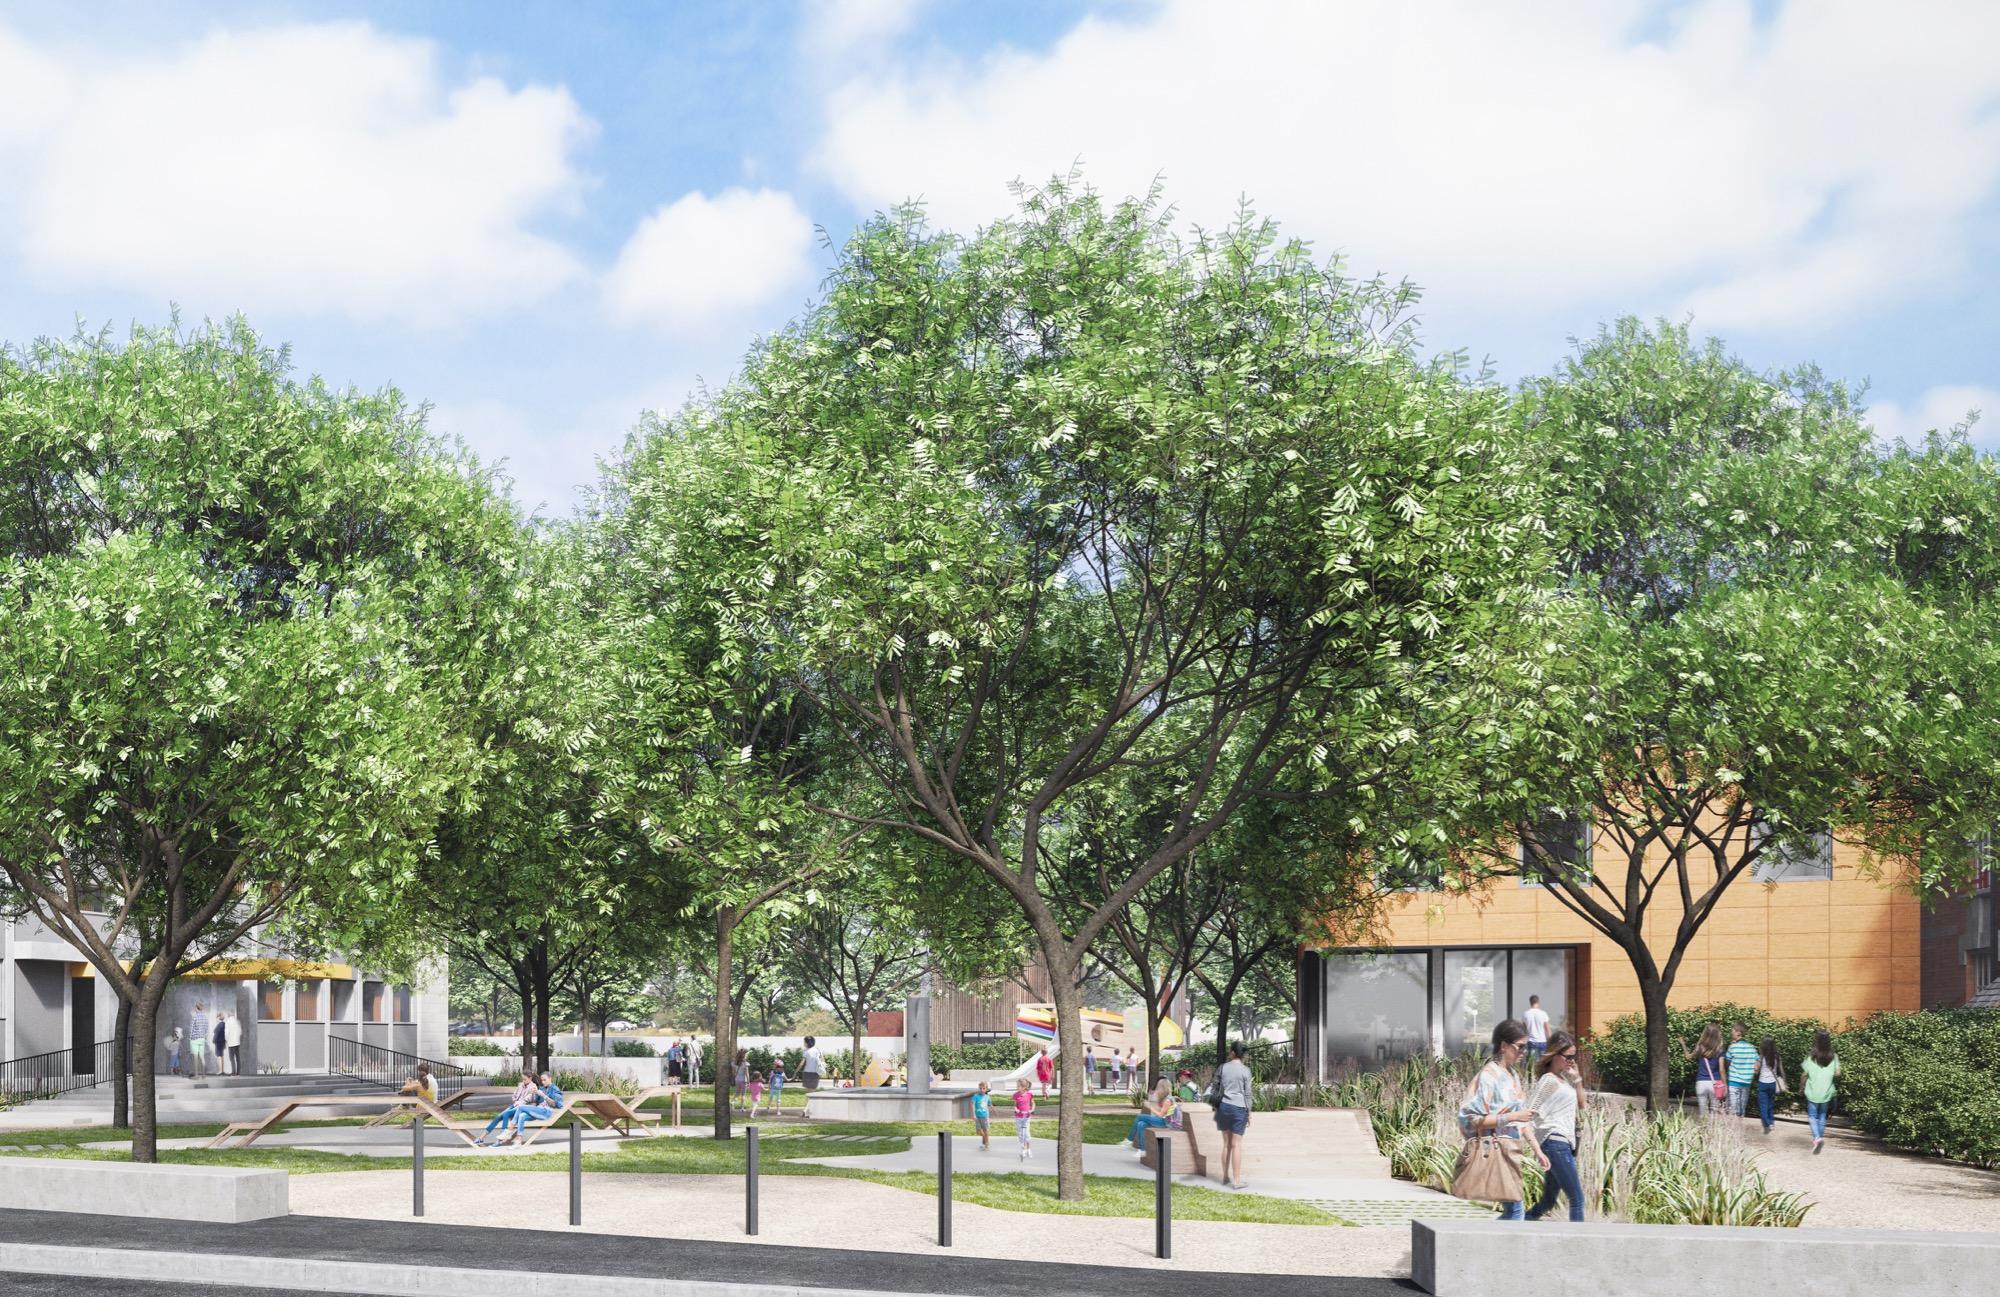 La surface totale d'espace végétalisée atteindra une superficie de près de 4 100 m2